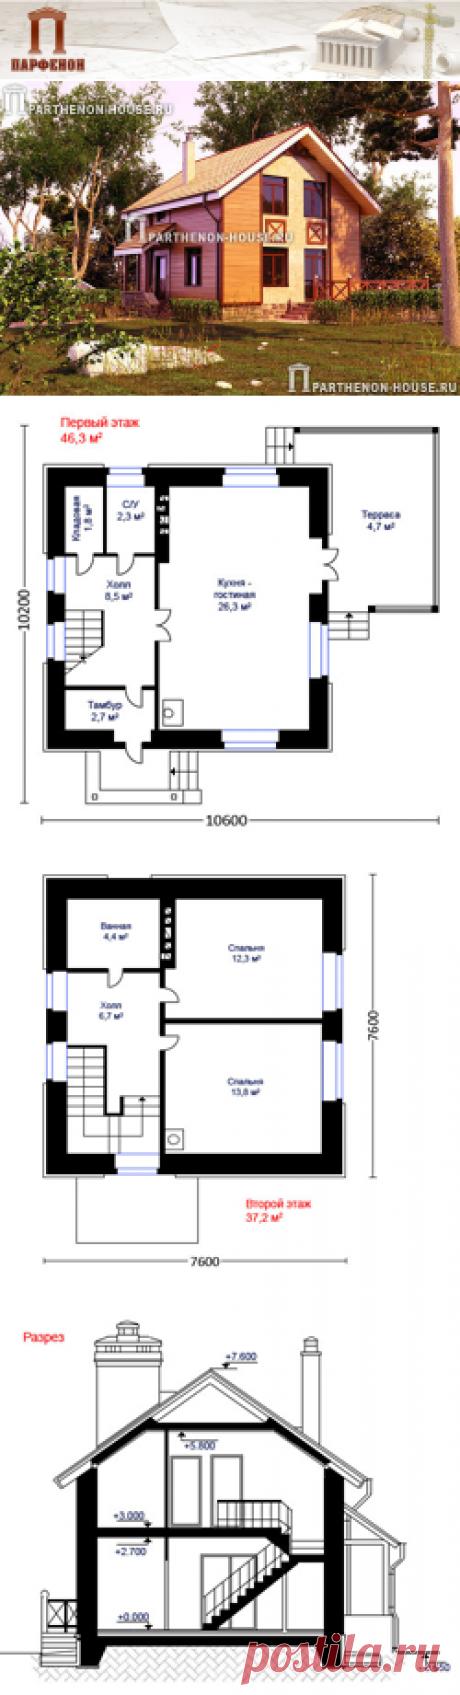 Проект небольшого и рационального дома с мансардой ГБ 84-1  Площадь застройки: 82,00 кв.м. Площадь общая дома: 84,10 кв.м. Площадь жилая: 52,40 кв.м. Строительный объем здания: 376,00 куб.м. Высота 1 этажа: 2,700 м. Высота в мансарде: от 1,390 м. до 2,800 м. Высота дома от конька до уровня земли: 8,250 м.   Технология и конструкция: строительство дома из газобетона. Фундамент: монолитная ж/б плита ребрами вниз.